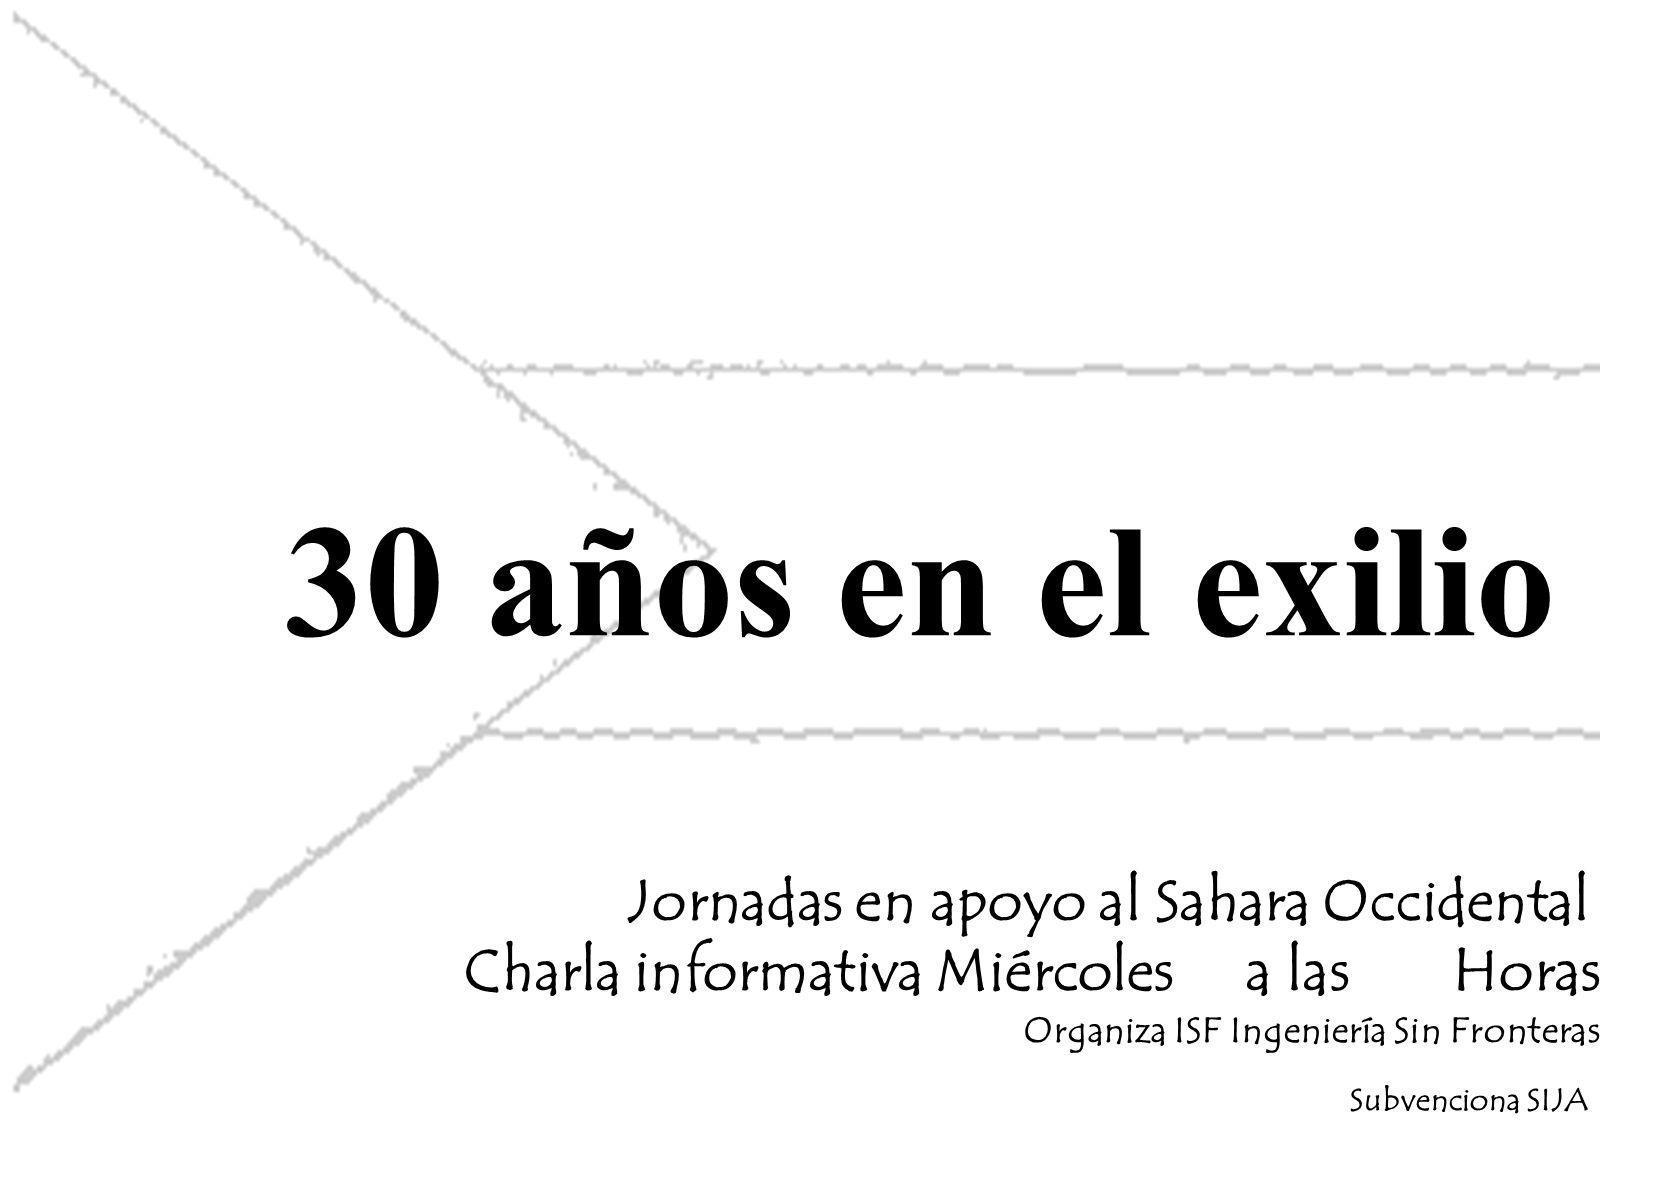 30 años en el exilio Jornadas en apoyo al Sahara Occidental Charla informativa Miércoles a las Horas Organiza ISF Ingeniería Sin Fronteras Subvenciona SIJA